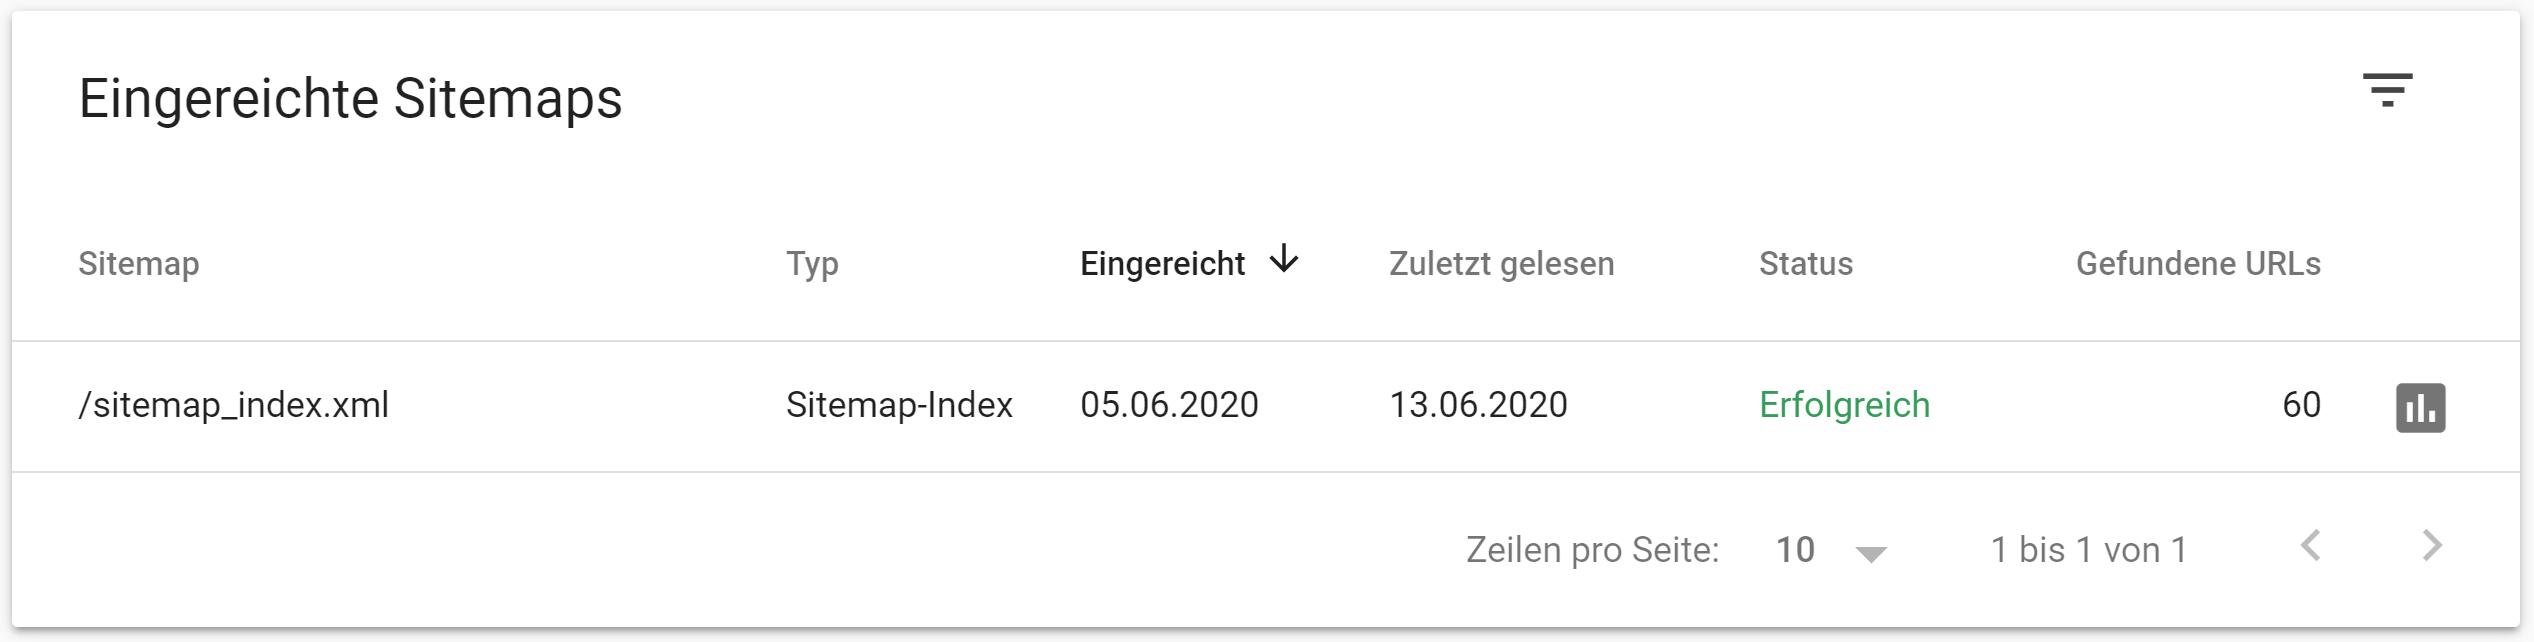 Eintrag für eine XML-Sitemap in der Google Search Console